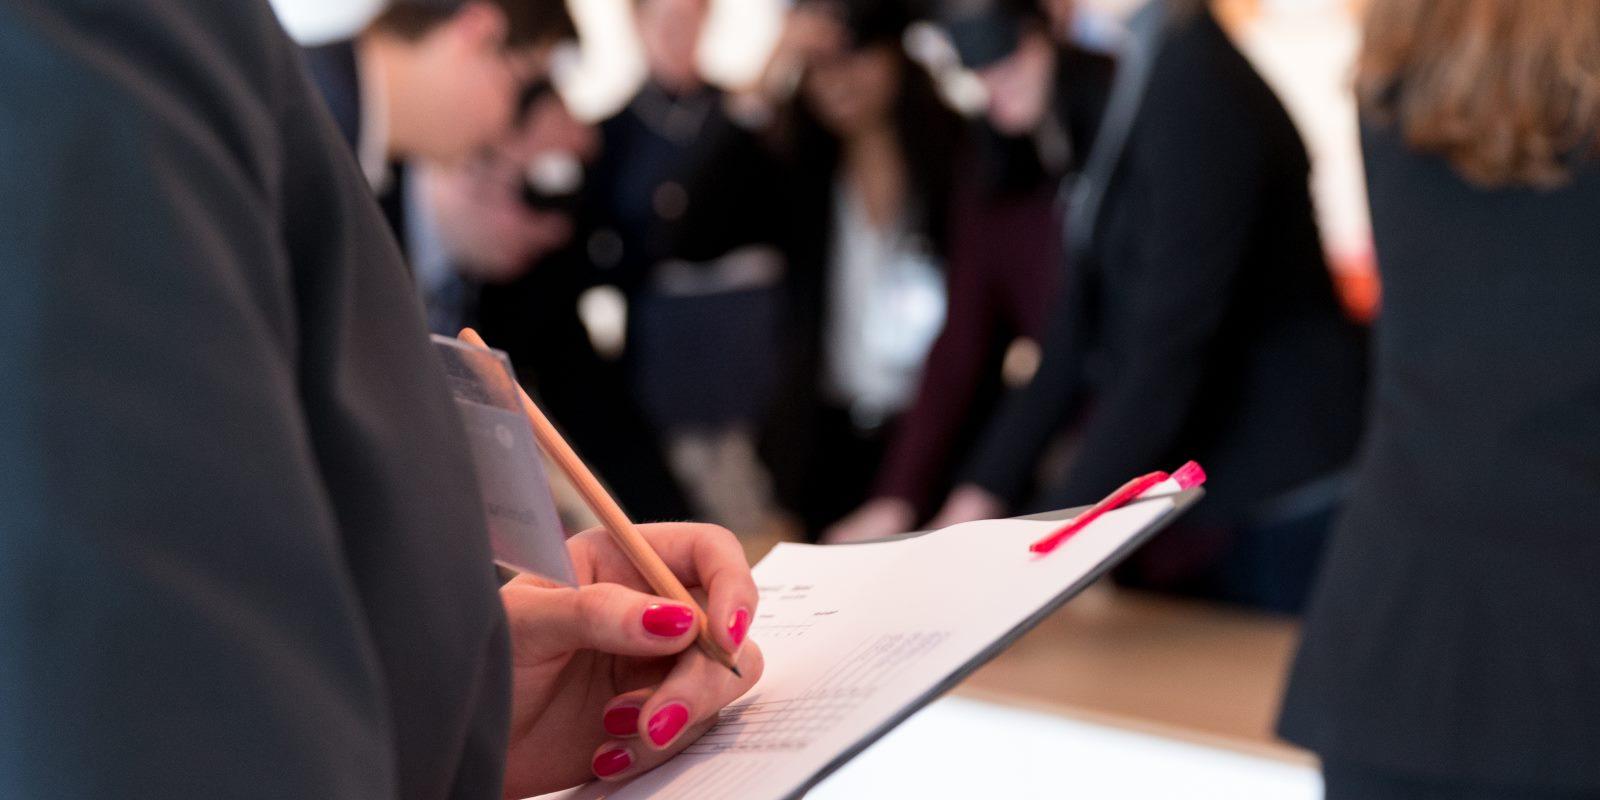 Personalerin beobachtet Teilnehmer in einem Assessment-Center